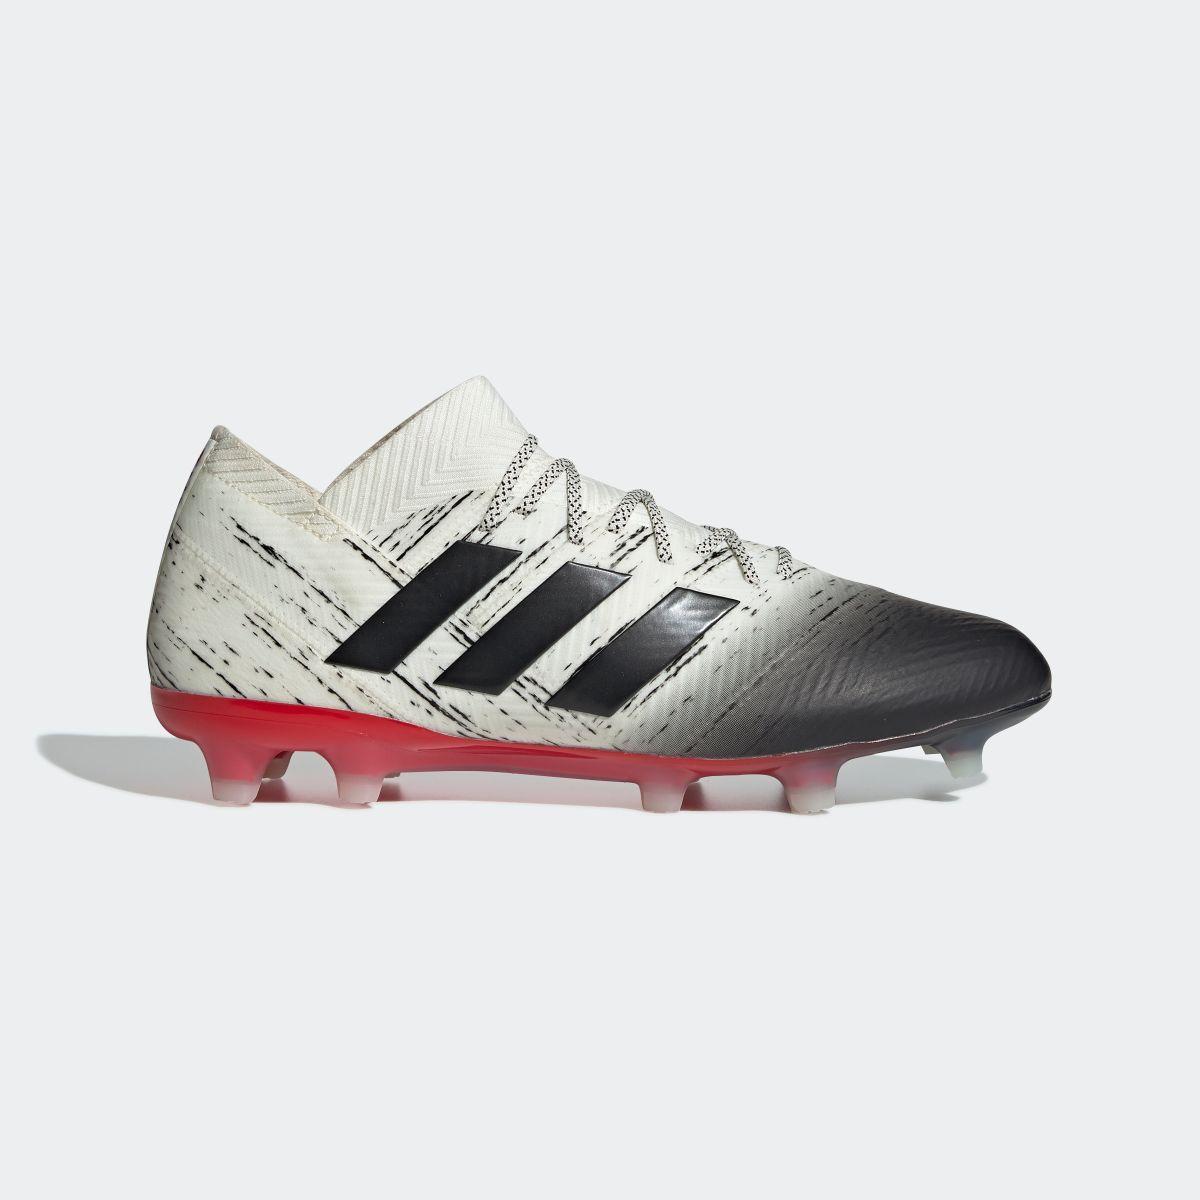 全品送料無料! 2/20 17:00~2/25 16:59 【公式】アディダス adidas ネメシス 18.1 FG/AG メンズ BB9425 サッカー・フットサル シューズ